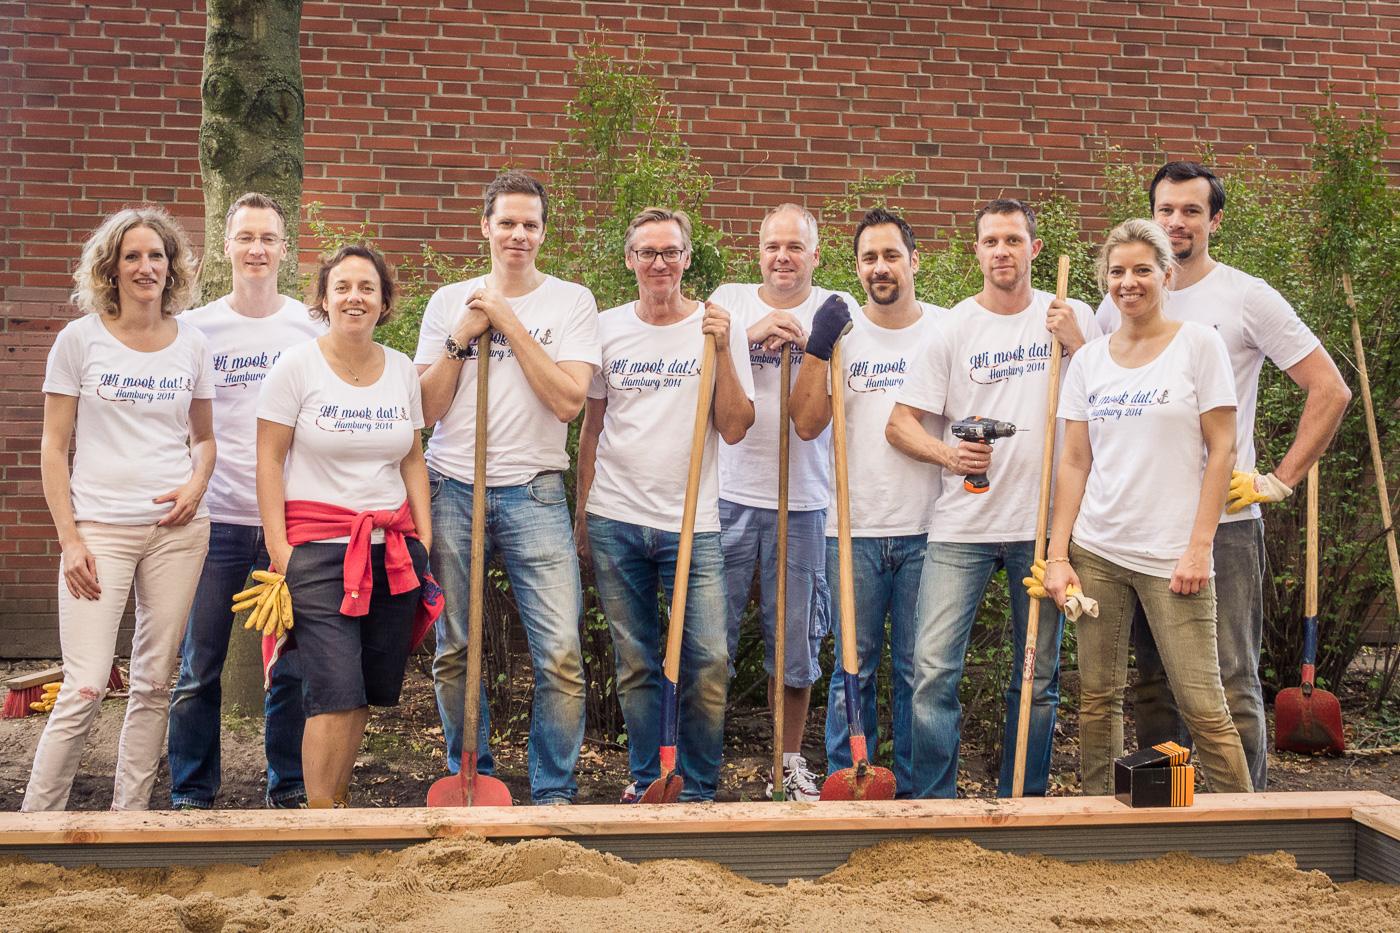 Wimookdat_2014 Gebr Heinemann Team